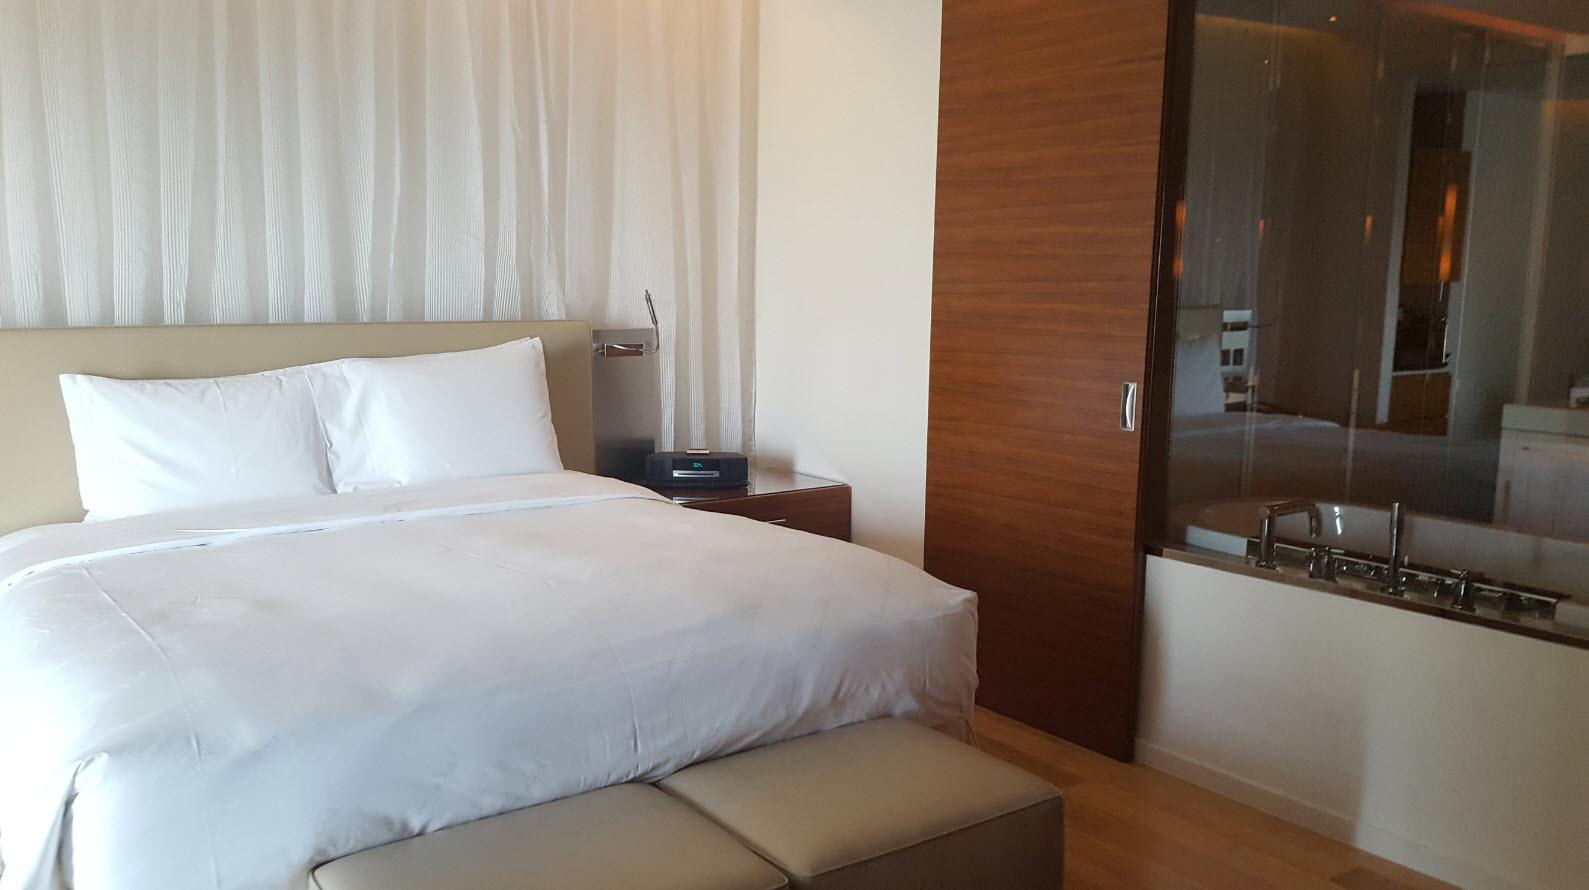 Chambre avec vitre salle de bains